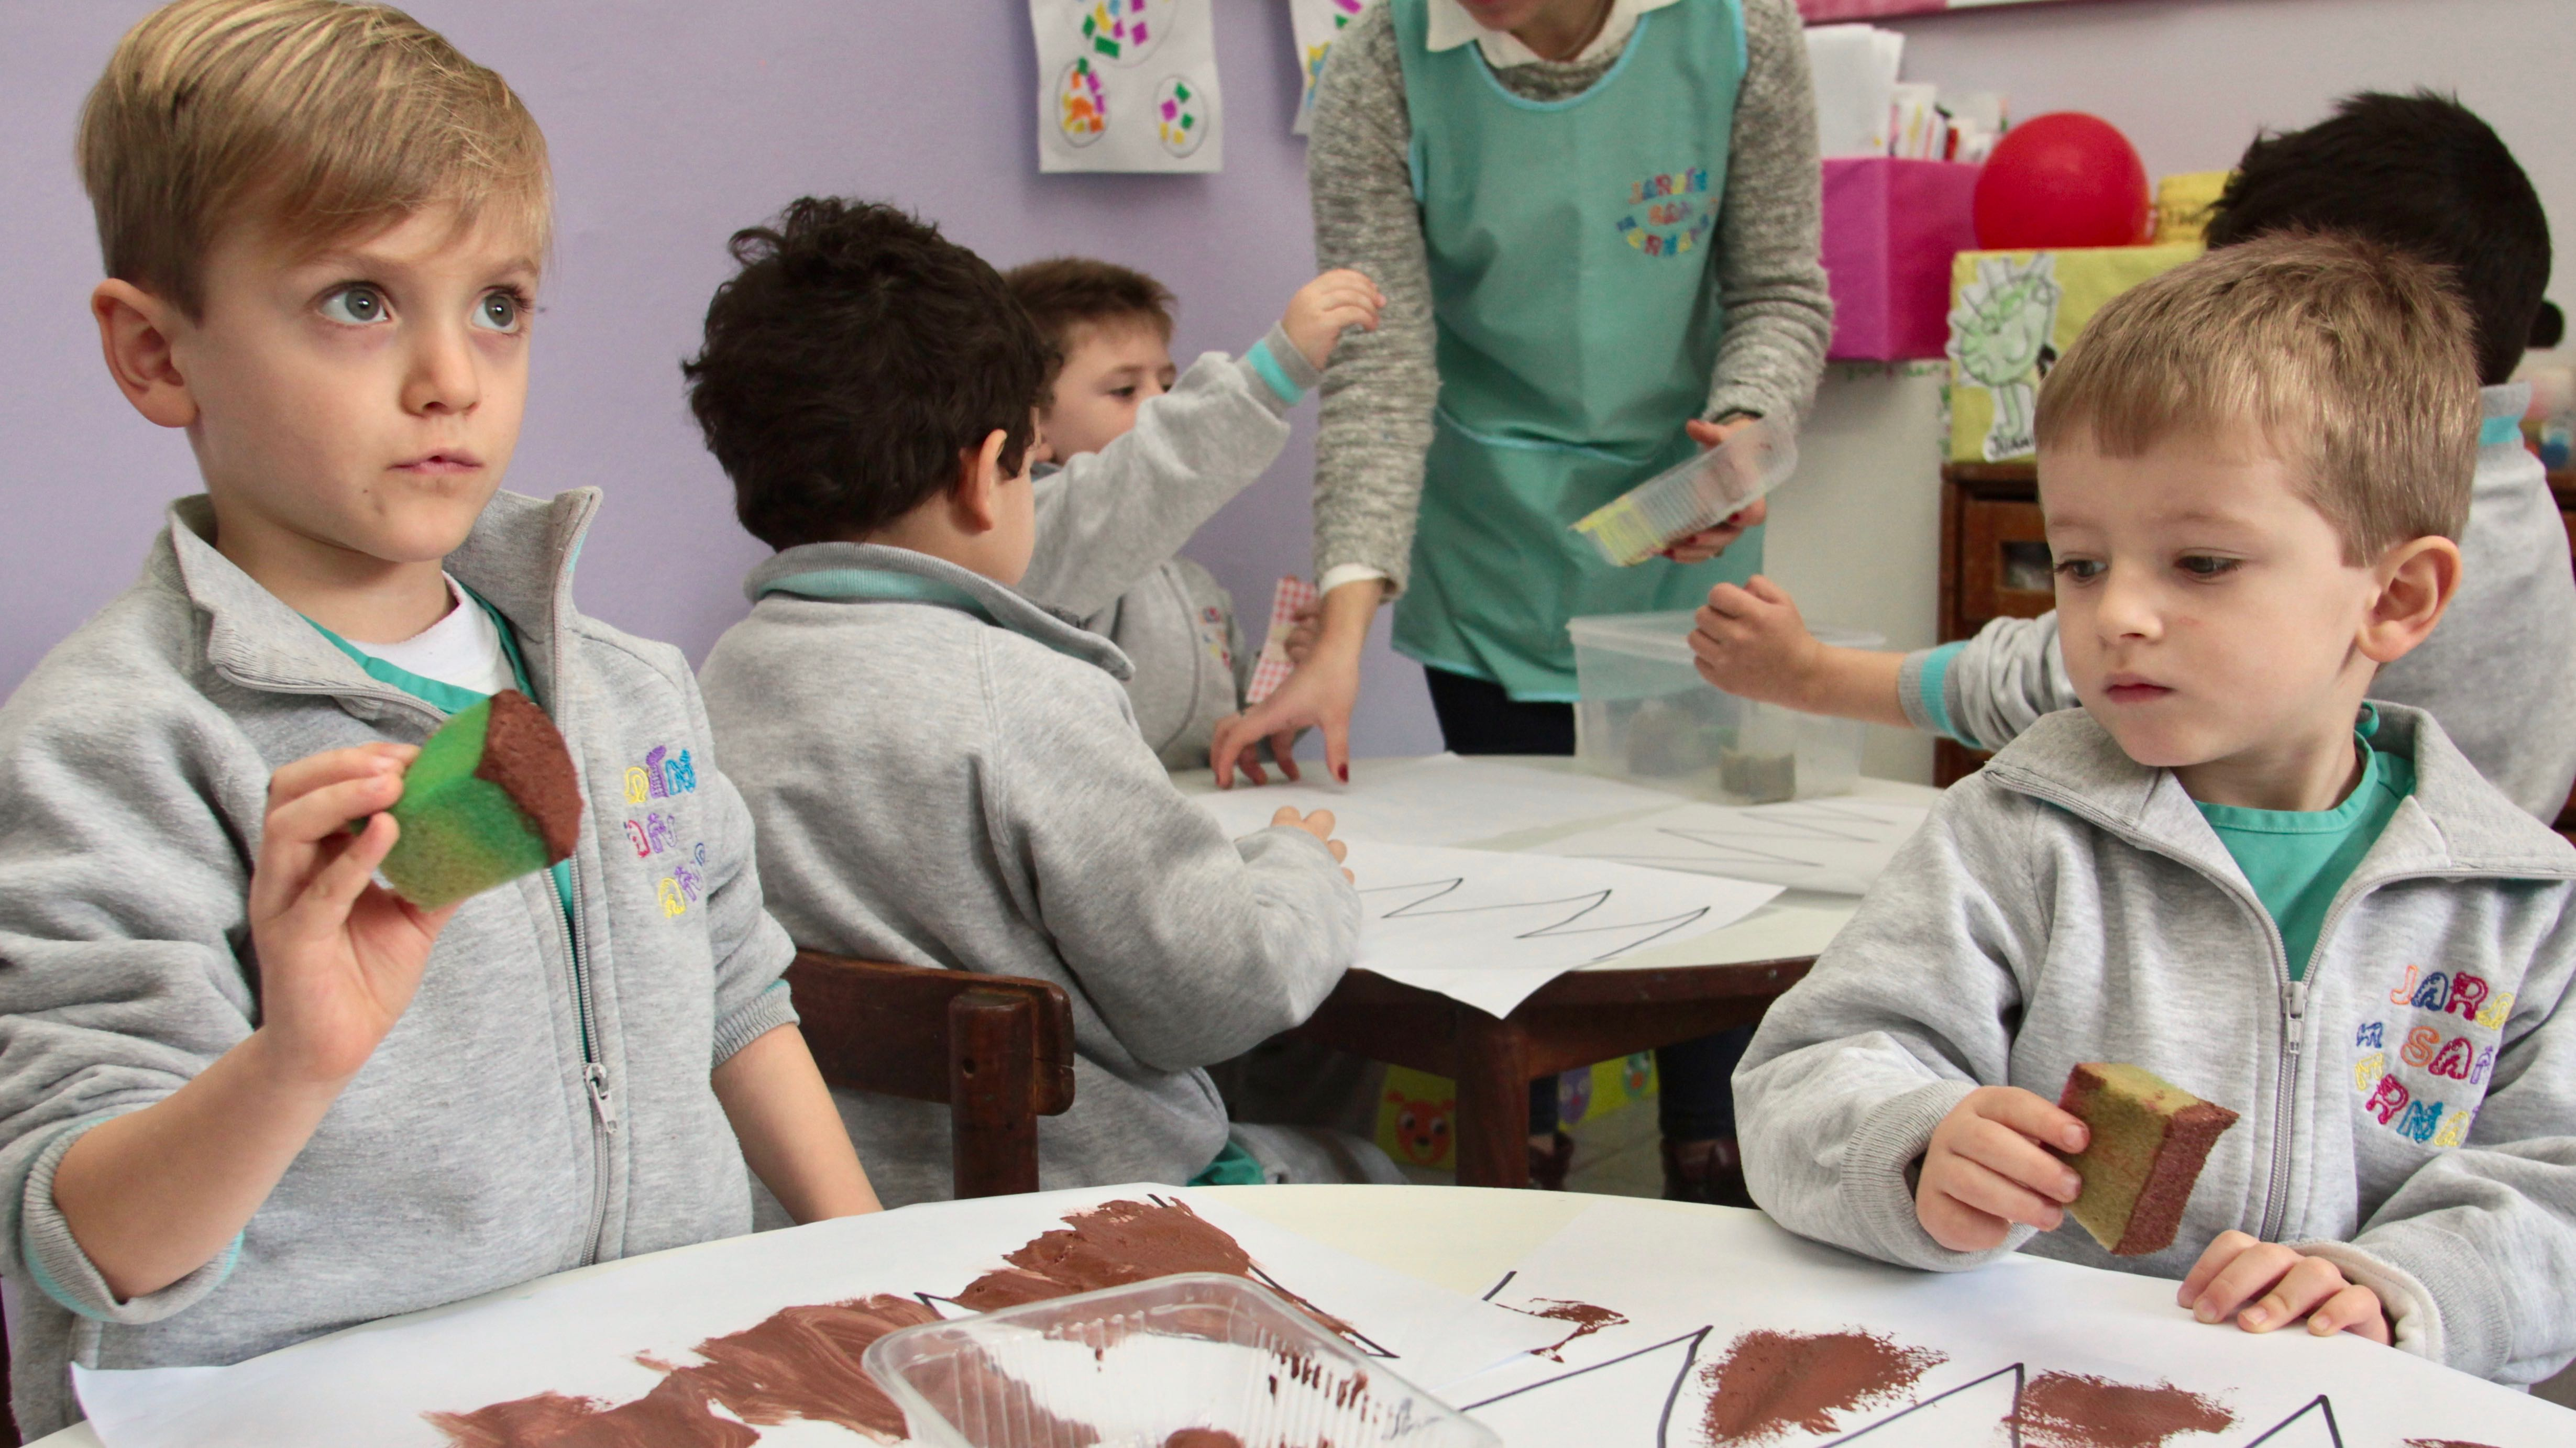 Jardin de infantes Colegio San Fernando 9